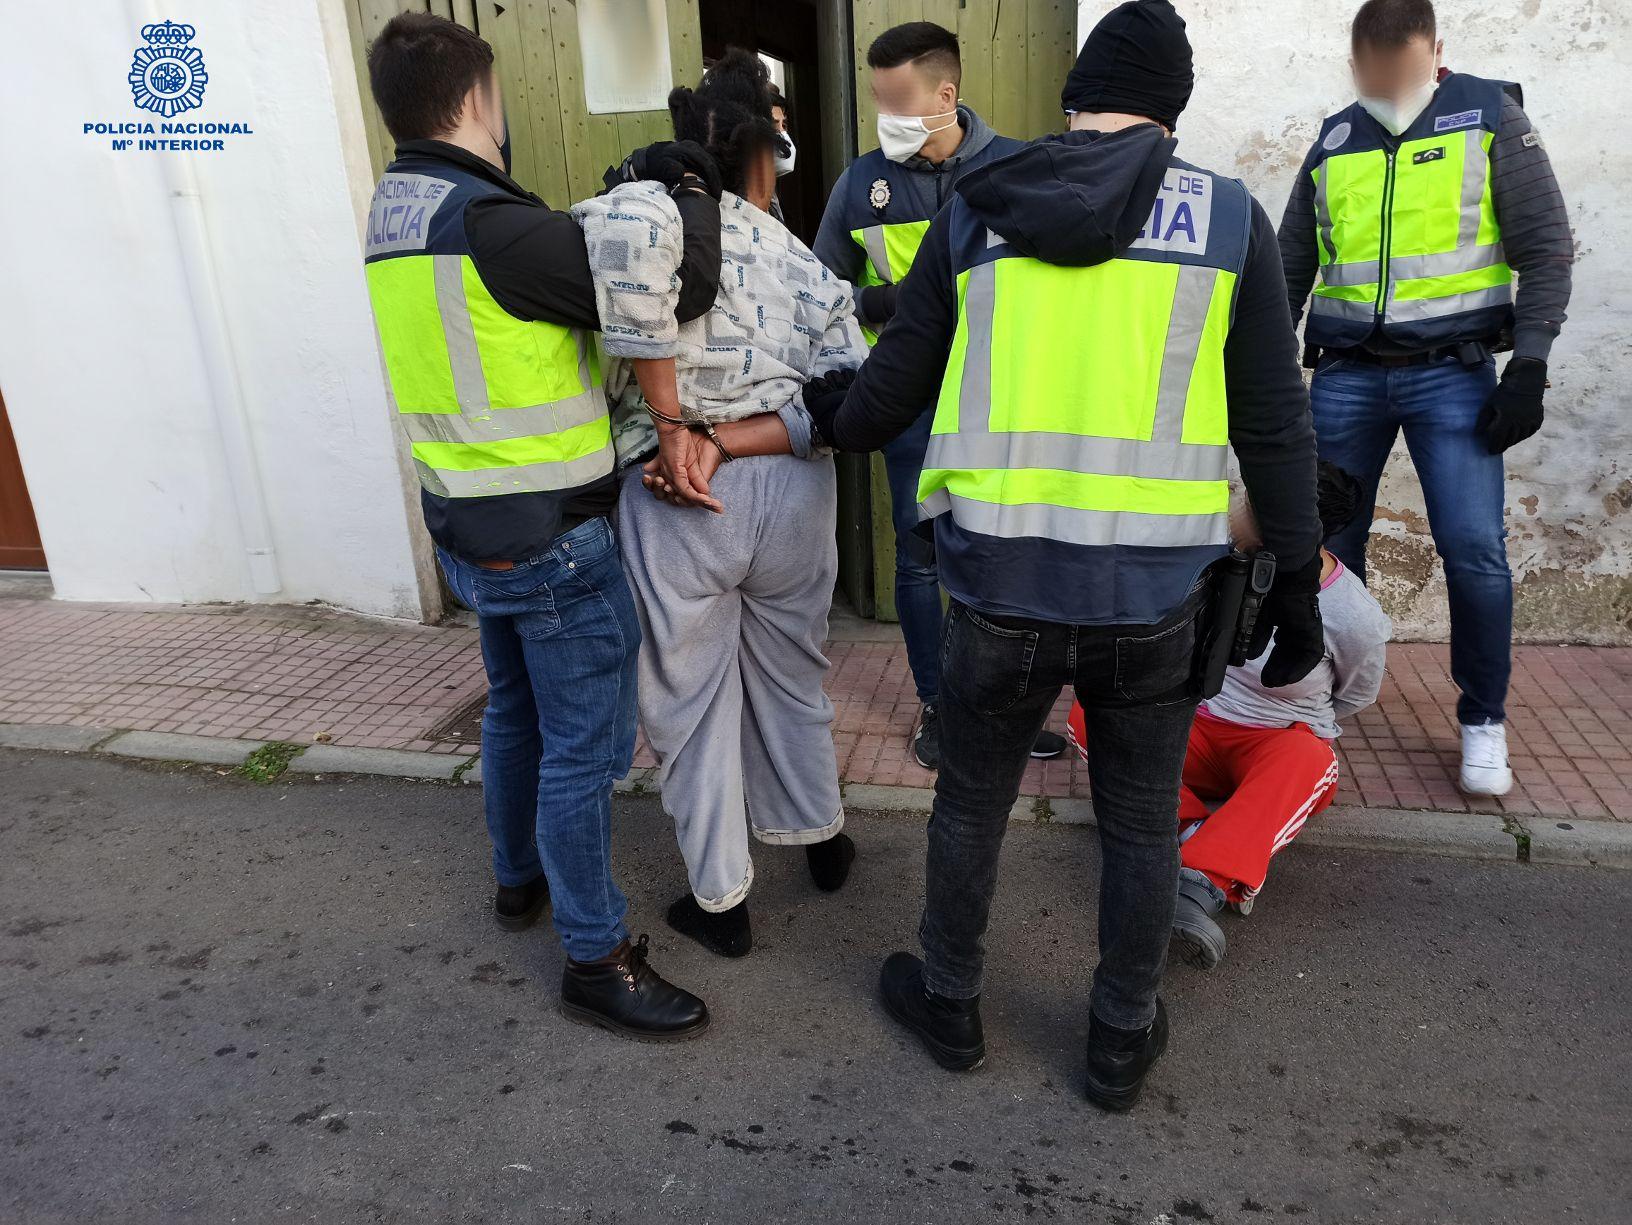 La Policía desmantela en Menorca una organización que obligaba a menores a prostituirse